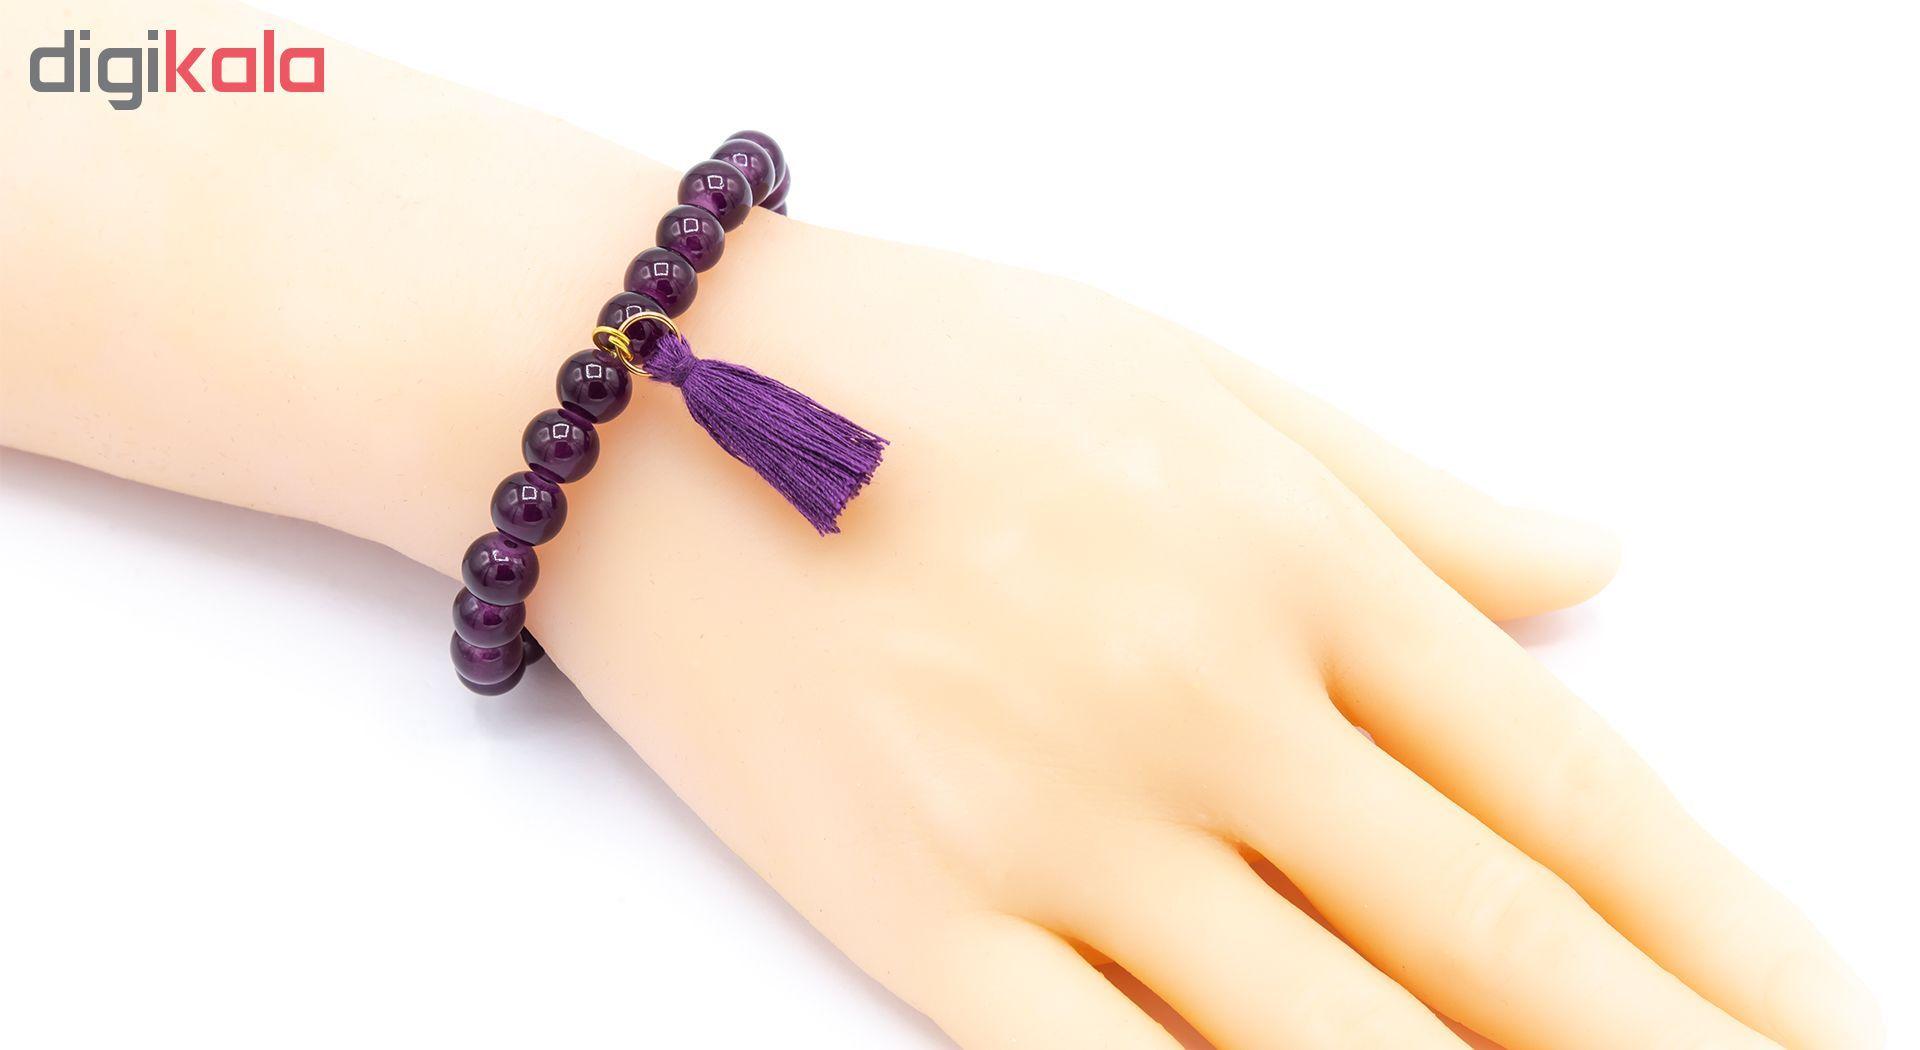 دستبند زنانه بهارگالری مدل Pendant سایز Free Size main 1 4